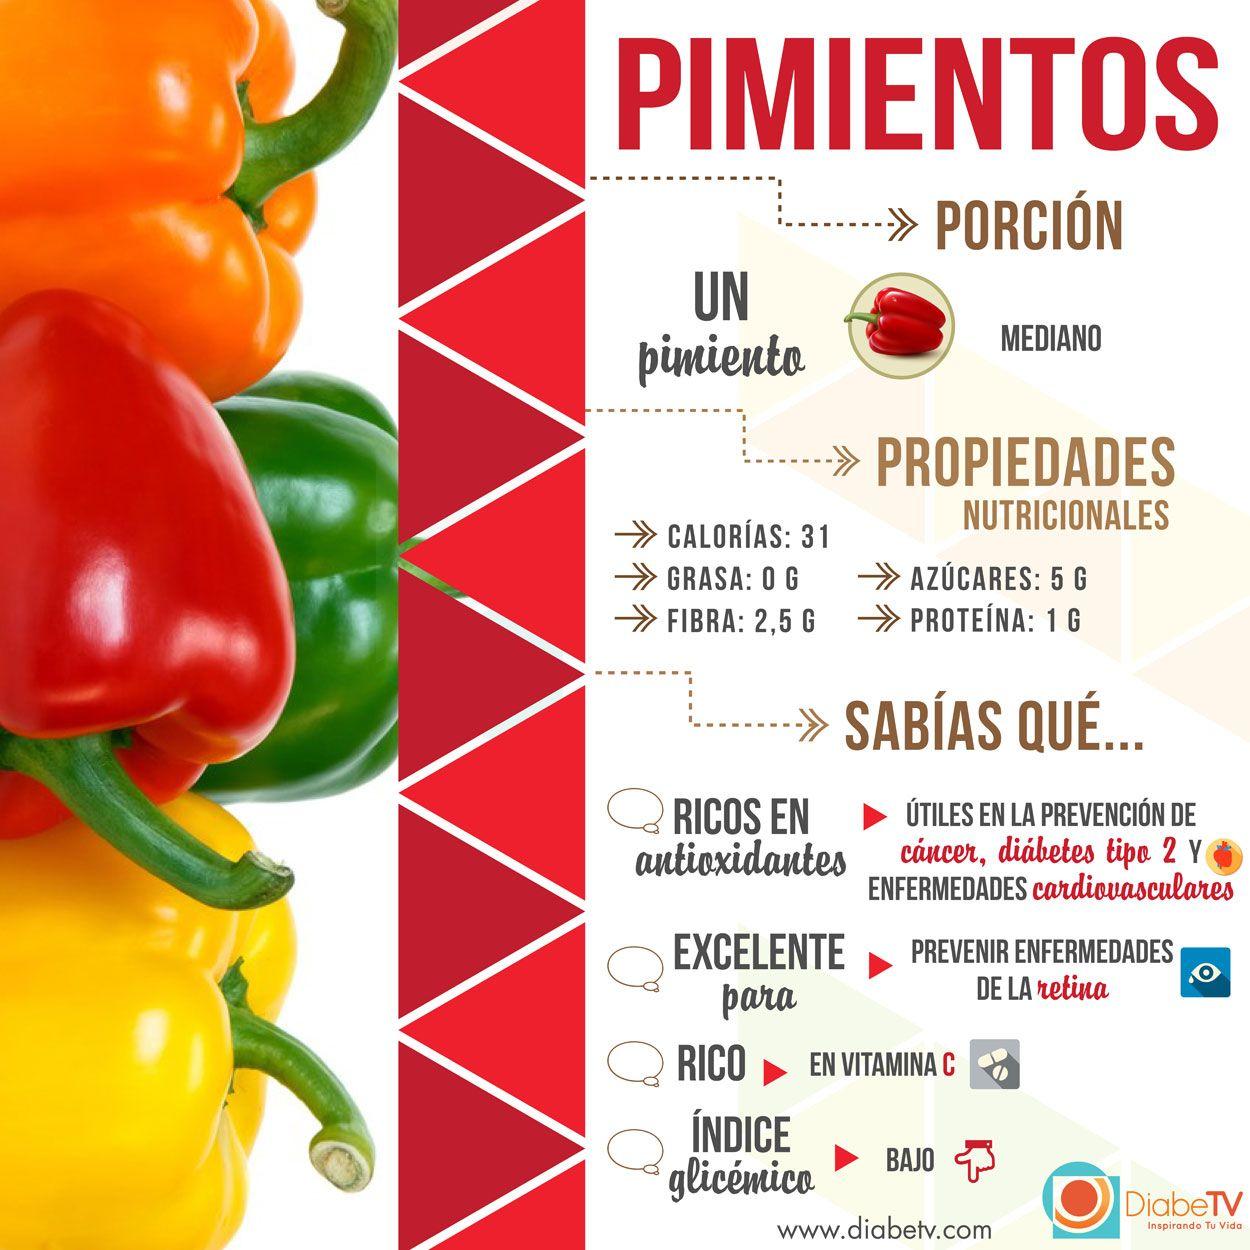 Remedios naturales para bajar de peso en chile vieron